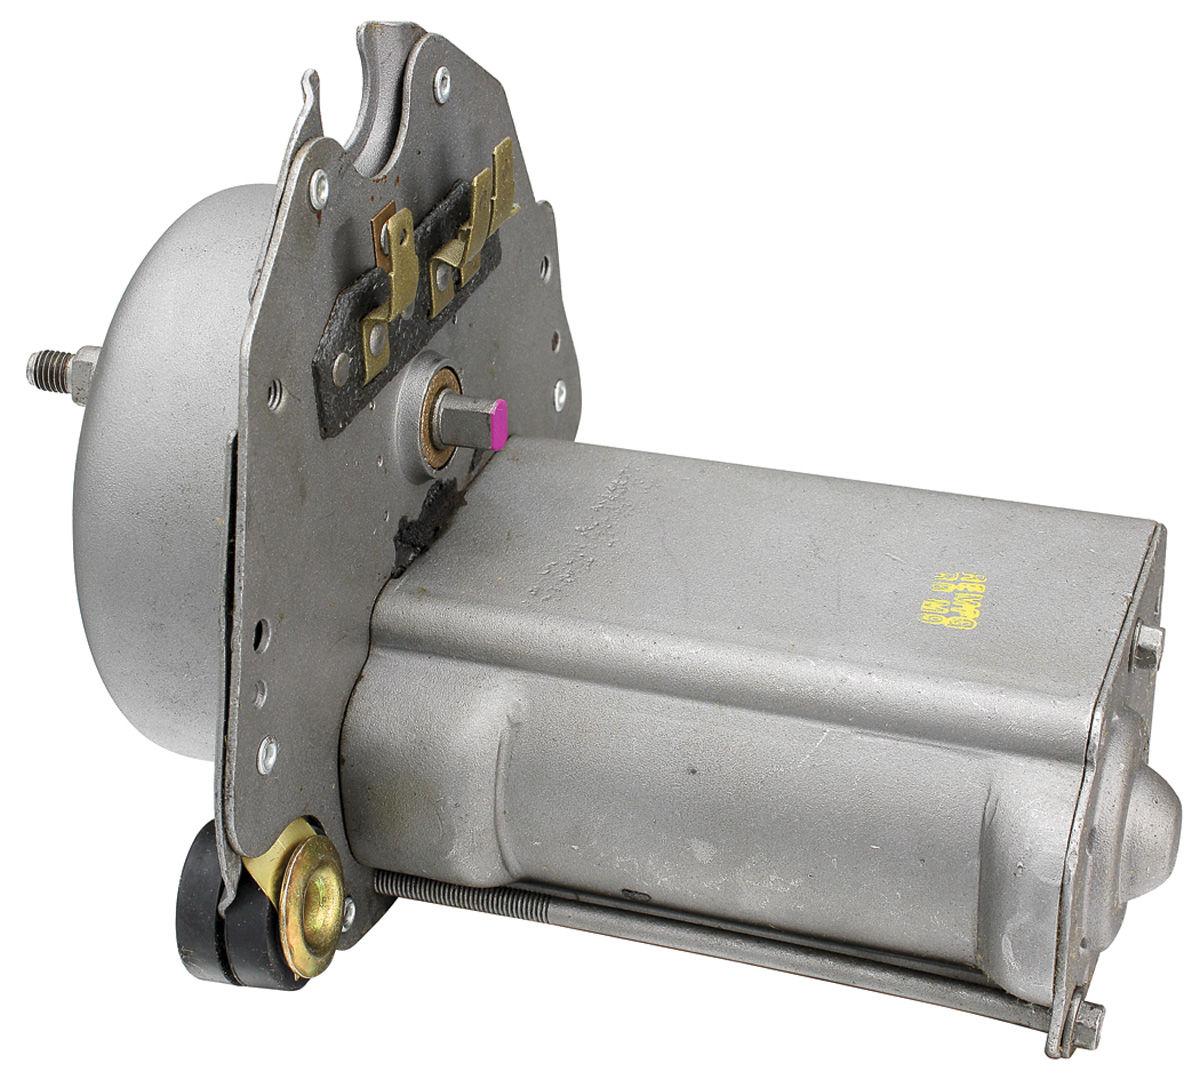 1966 Gto Wiper Motor Wiring Diagram Online Schematics Chevelle Windshield Washer Data Schema U2022